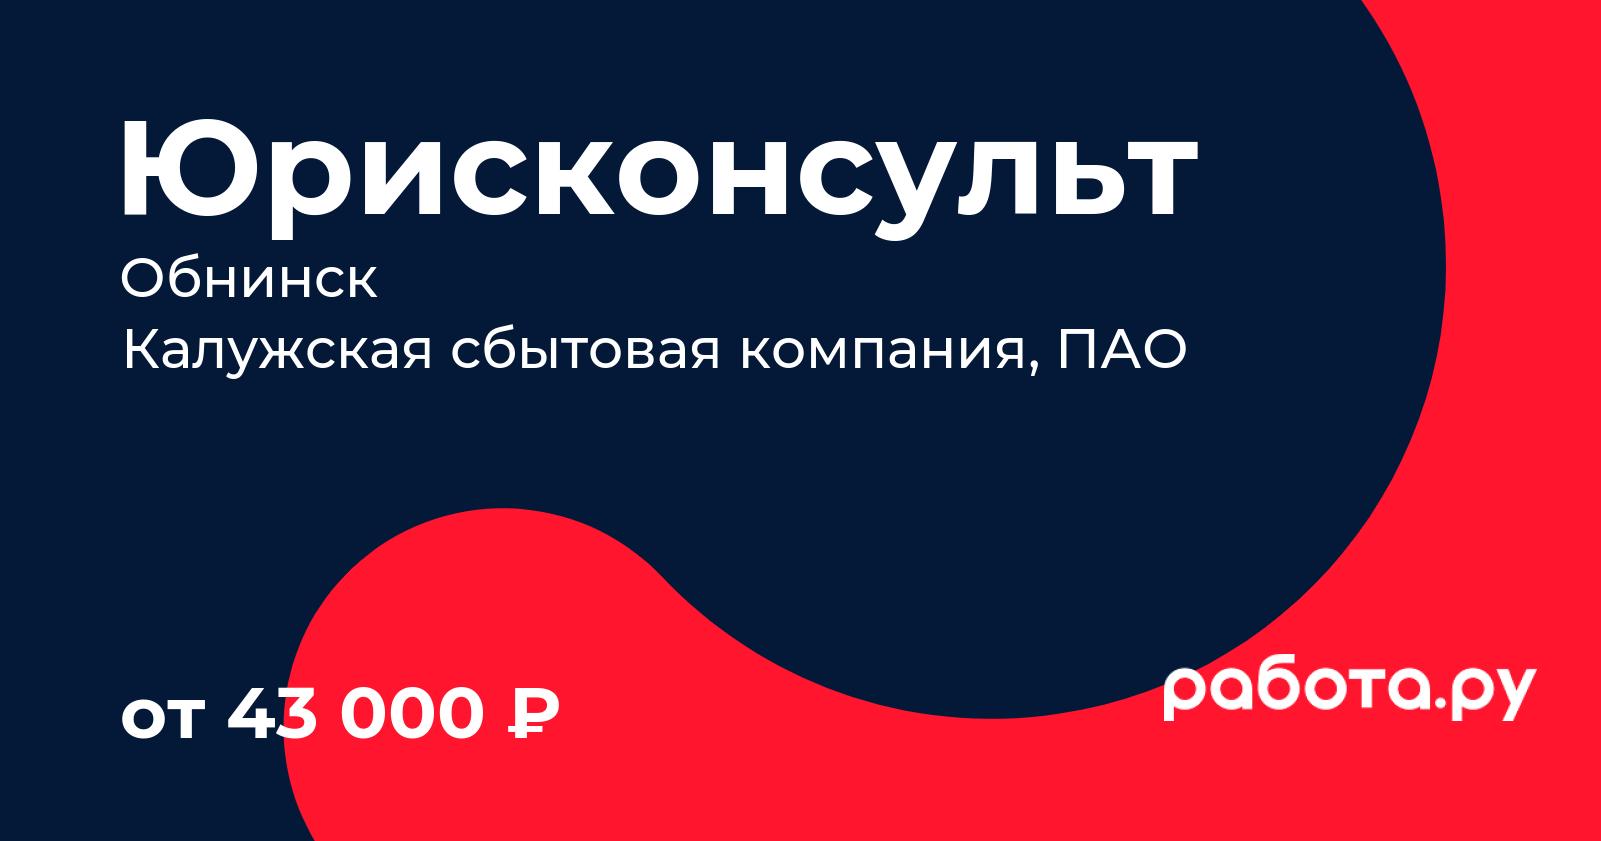 Калужская сбытовая компания обнинск официальный сайт книги скачать бесплатно создание сайтов